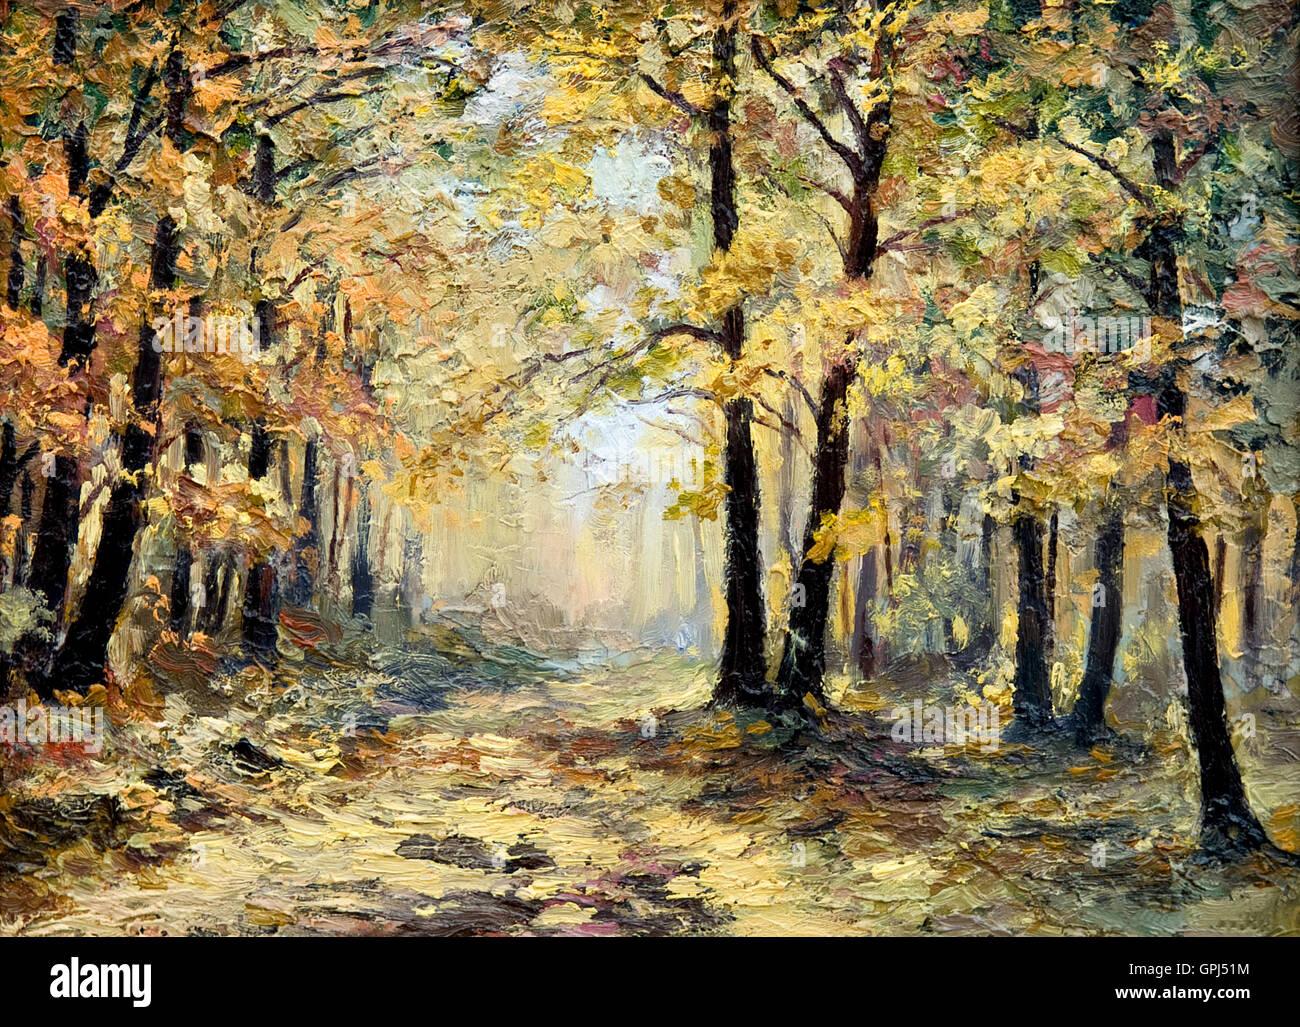 Peinture A L Huile Paysage Foret D Automne Plein De Feuilles